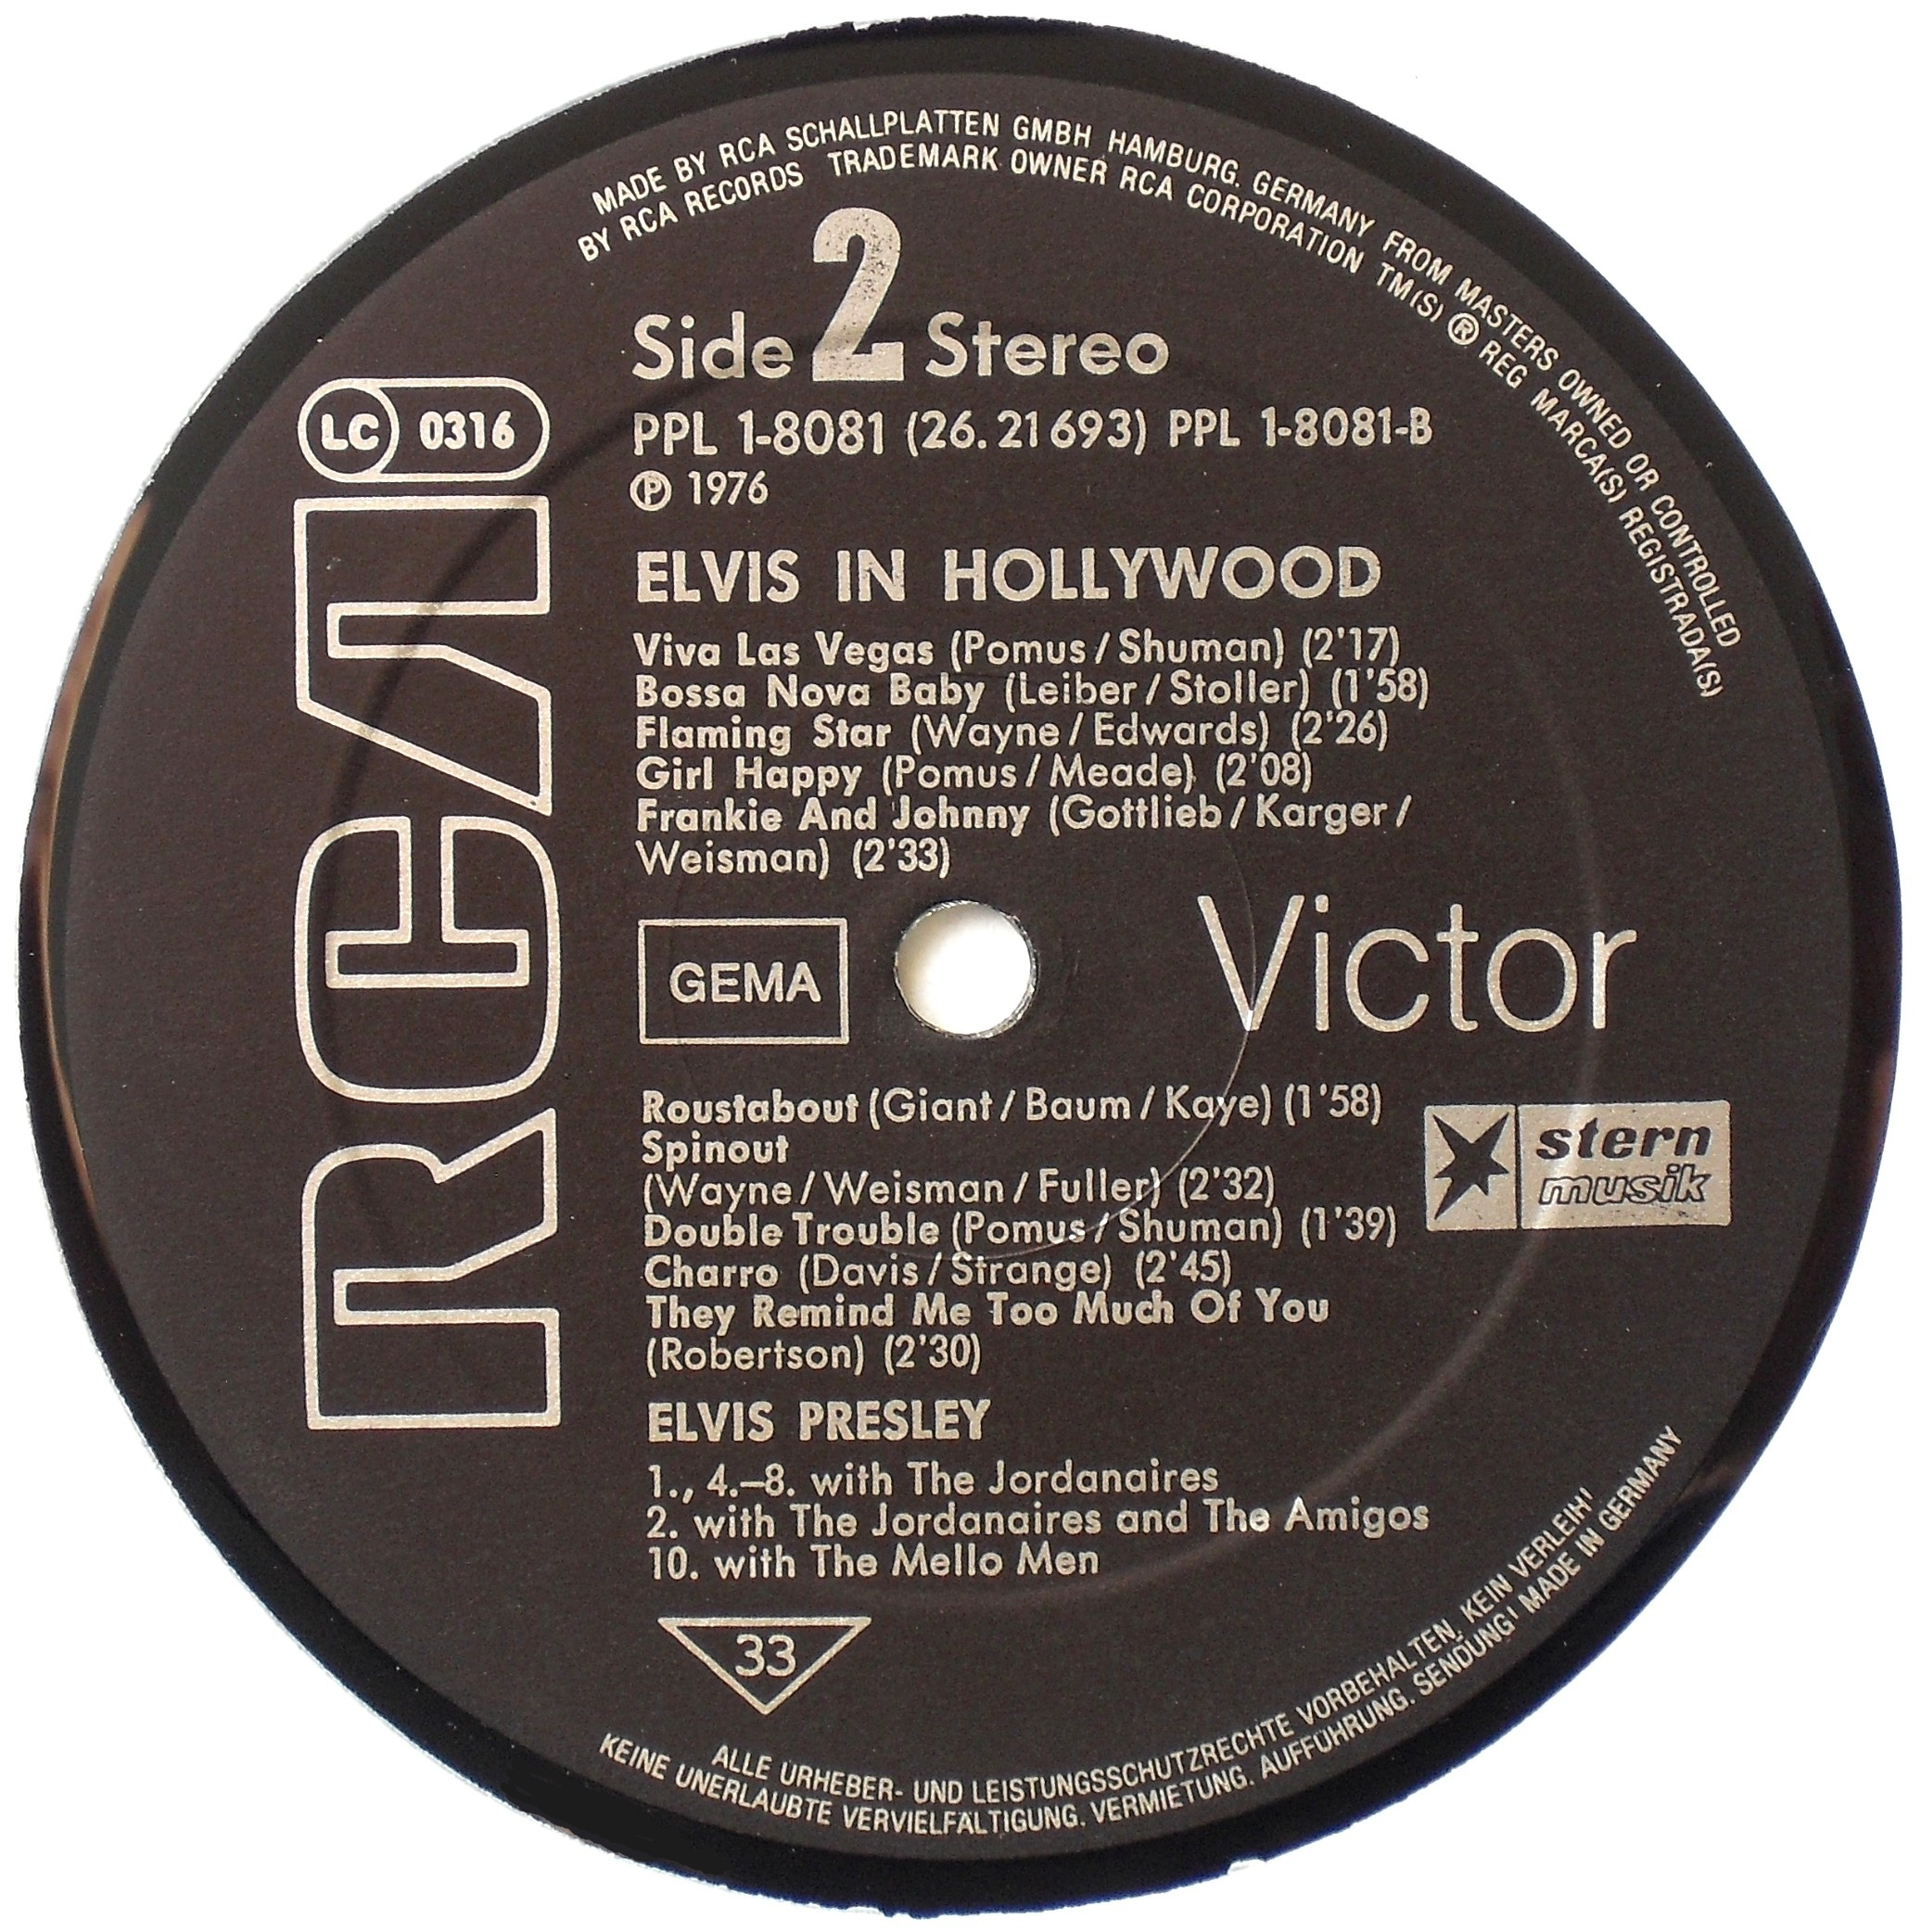 ELVIS IN HOLLYWOOD 03s2krafh